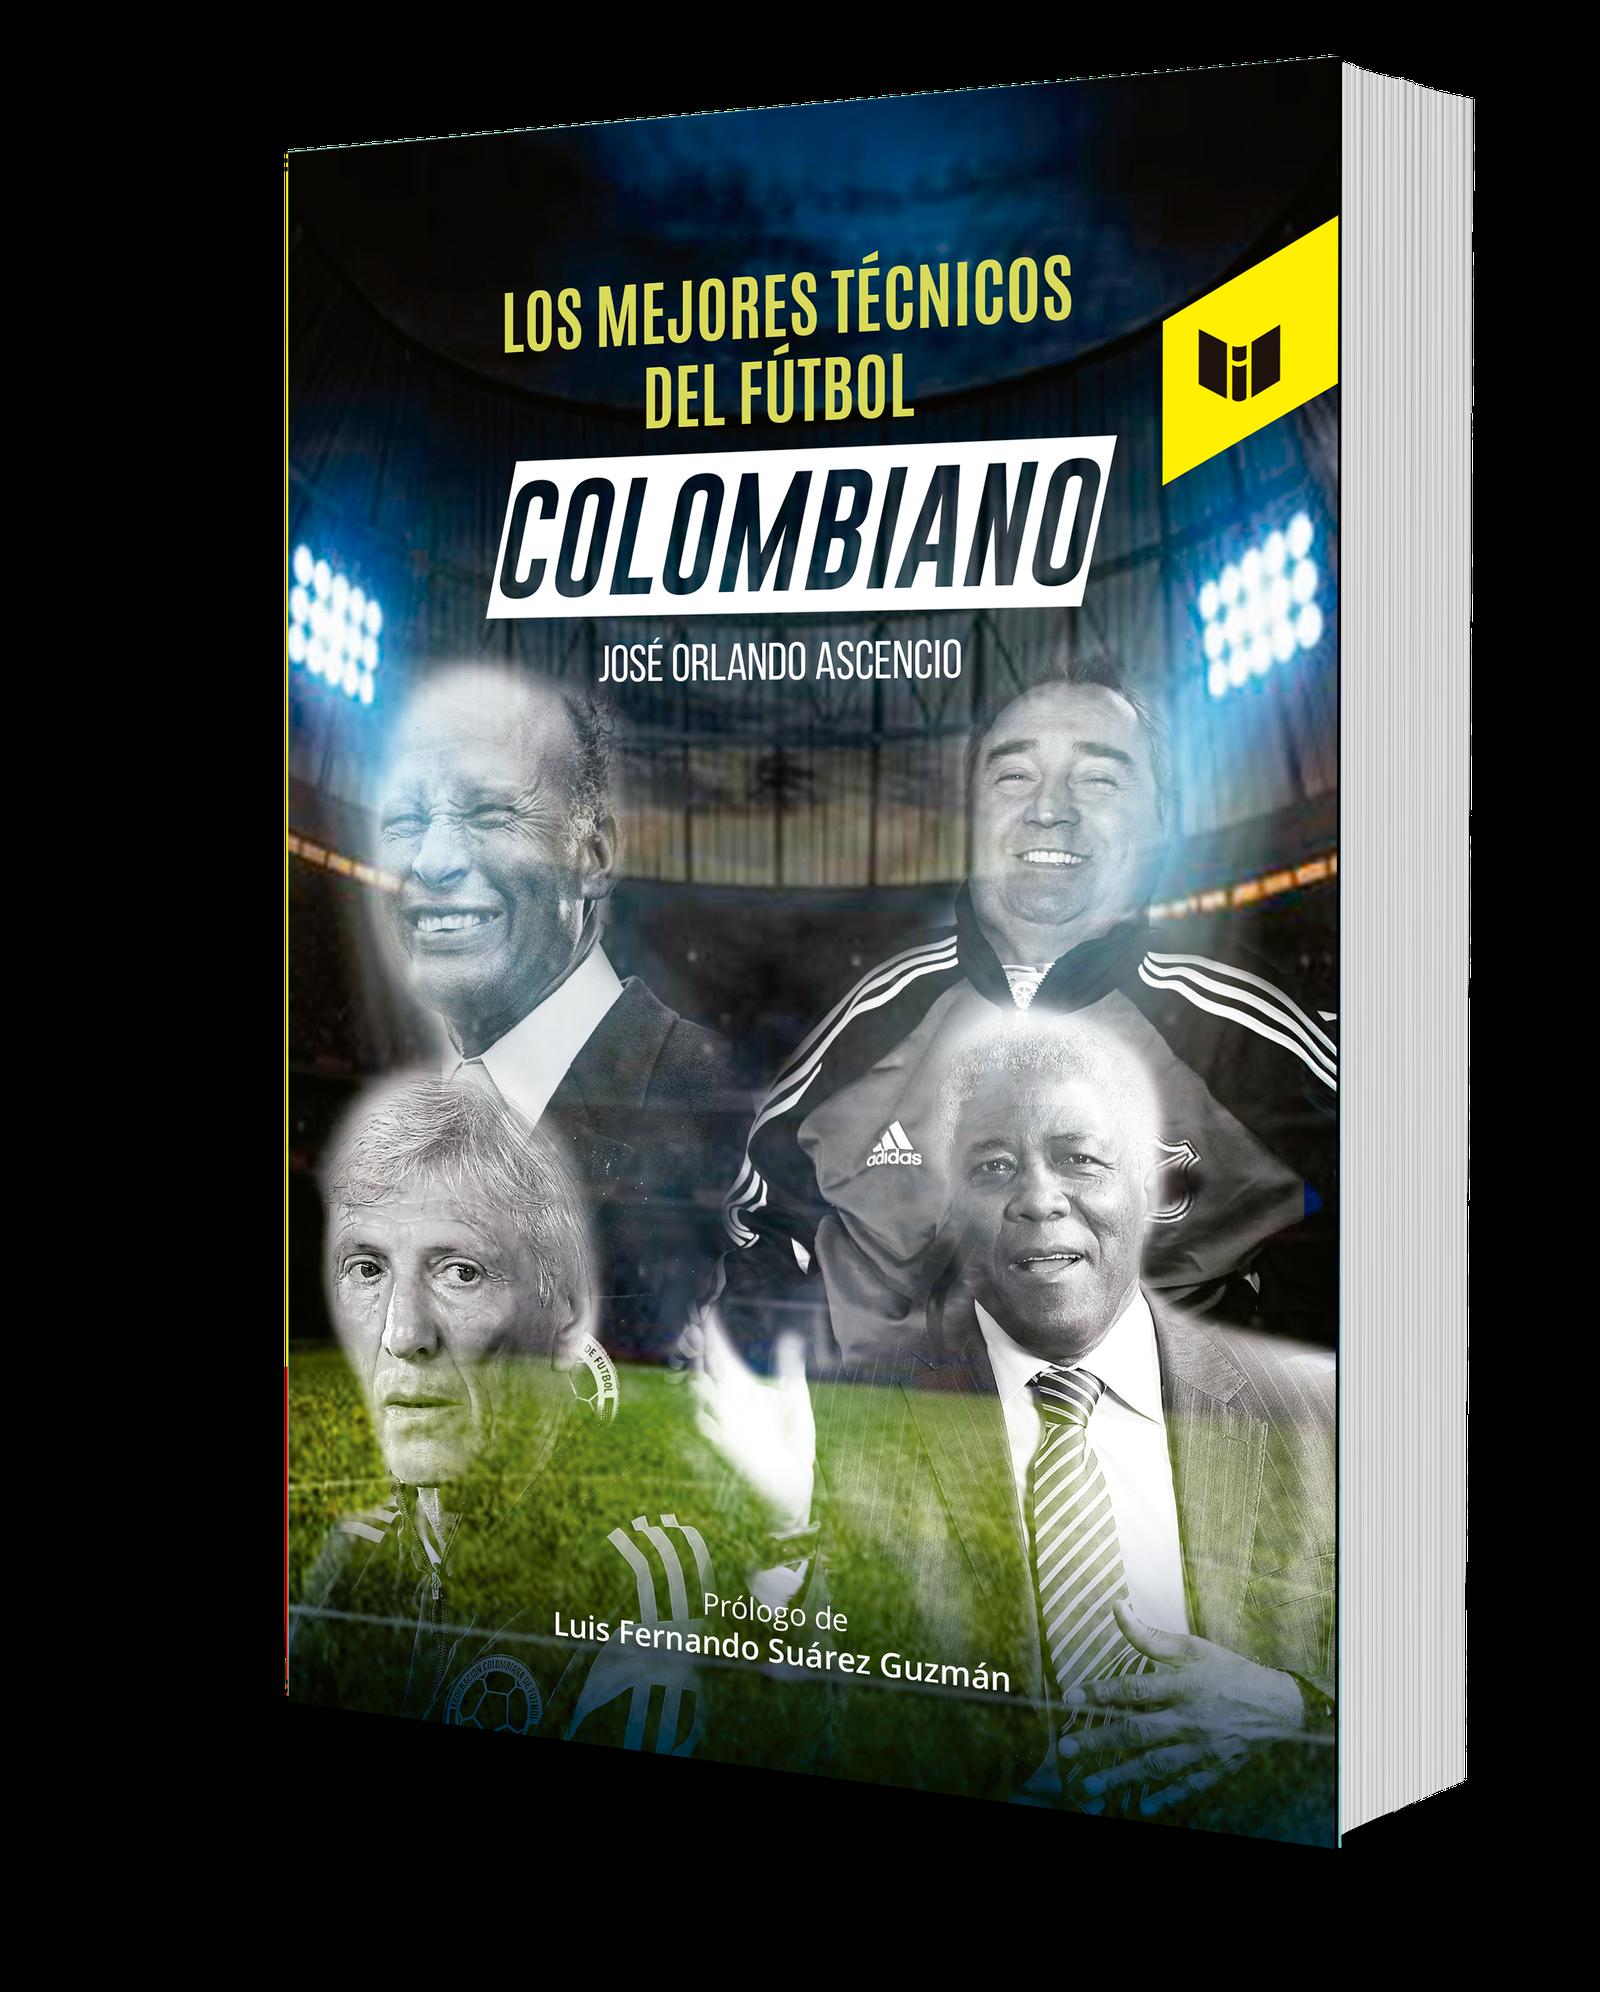 LOS MEJORES TÉCNICOS DEL FÚTBOL COLOMBIANO